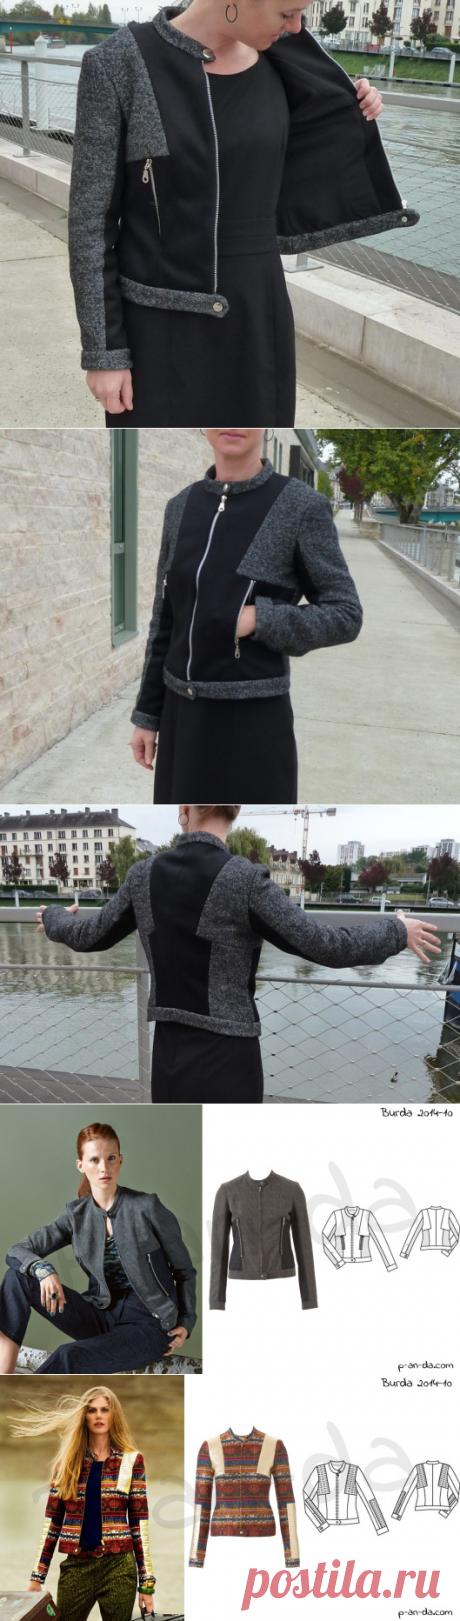 Veste-blouson en lainage | SB créations